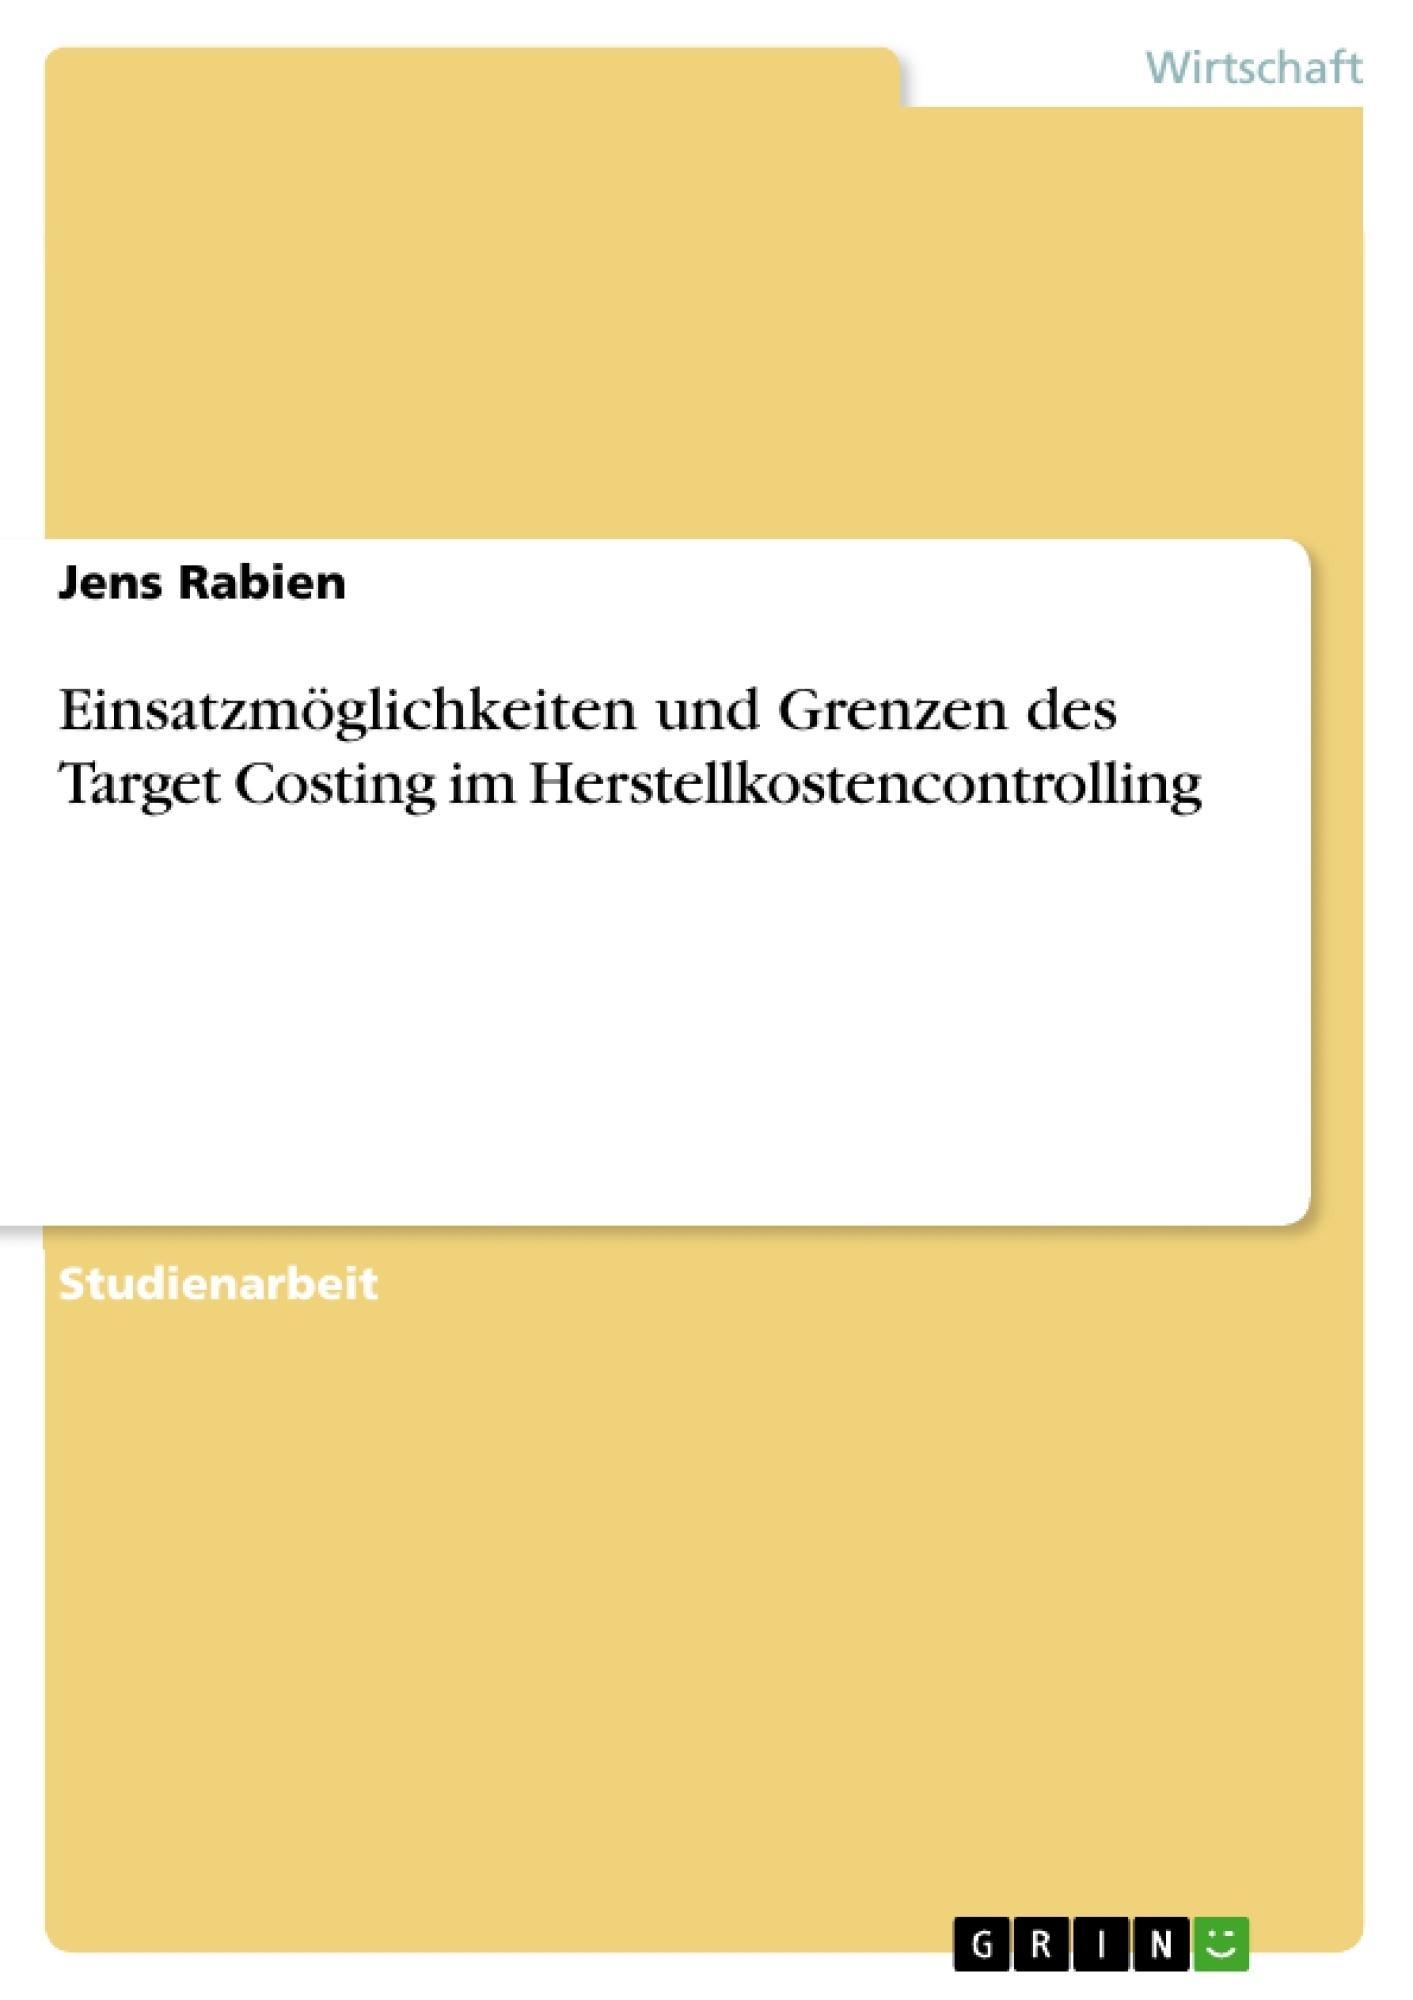 Titel: Einsatzmöglichkeiten und Grenzen des Target Costing im Herstellkostencontrolling